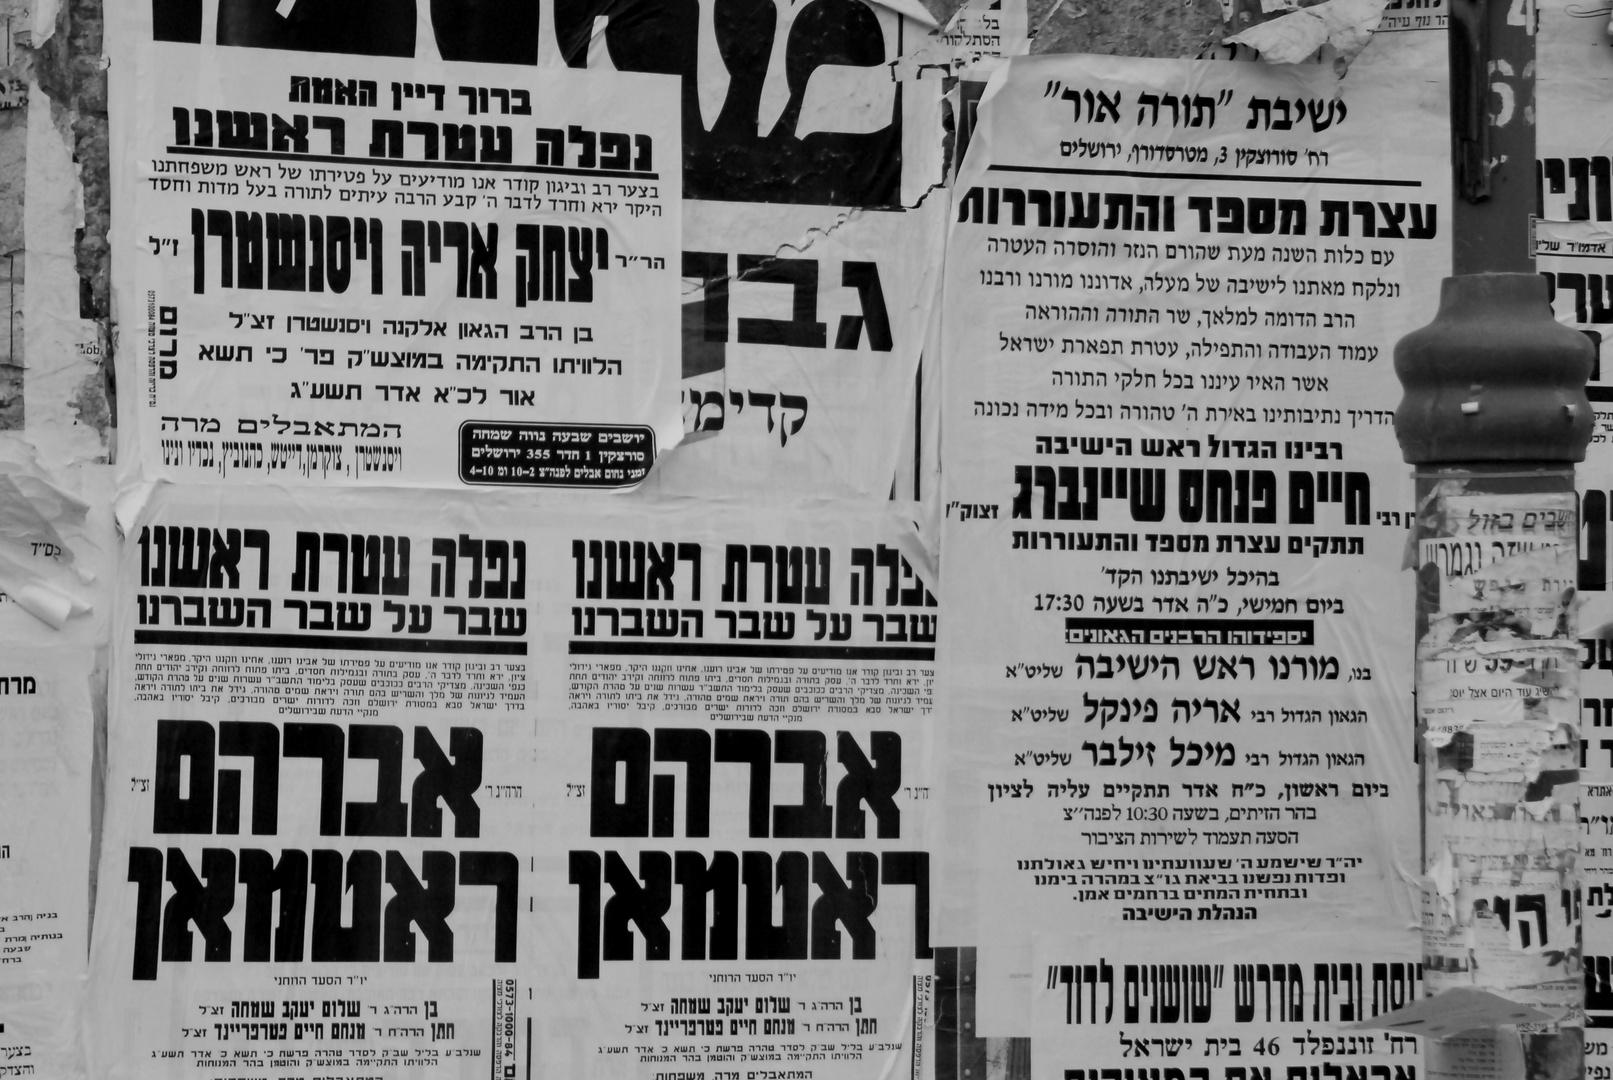 PASHKEVILIM, ME'A SHEA'RIM, JERUSALEM